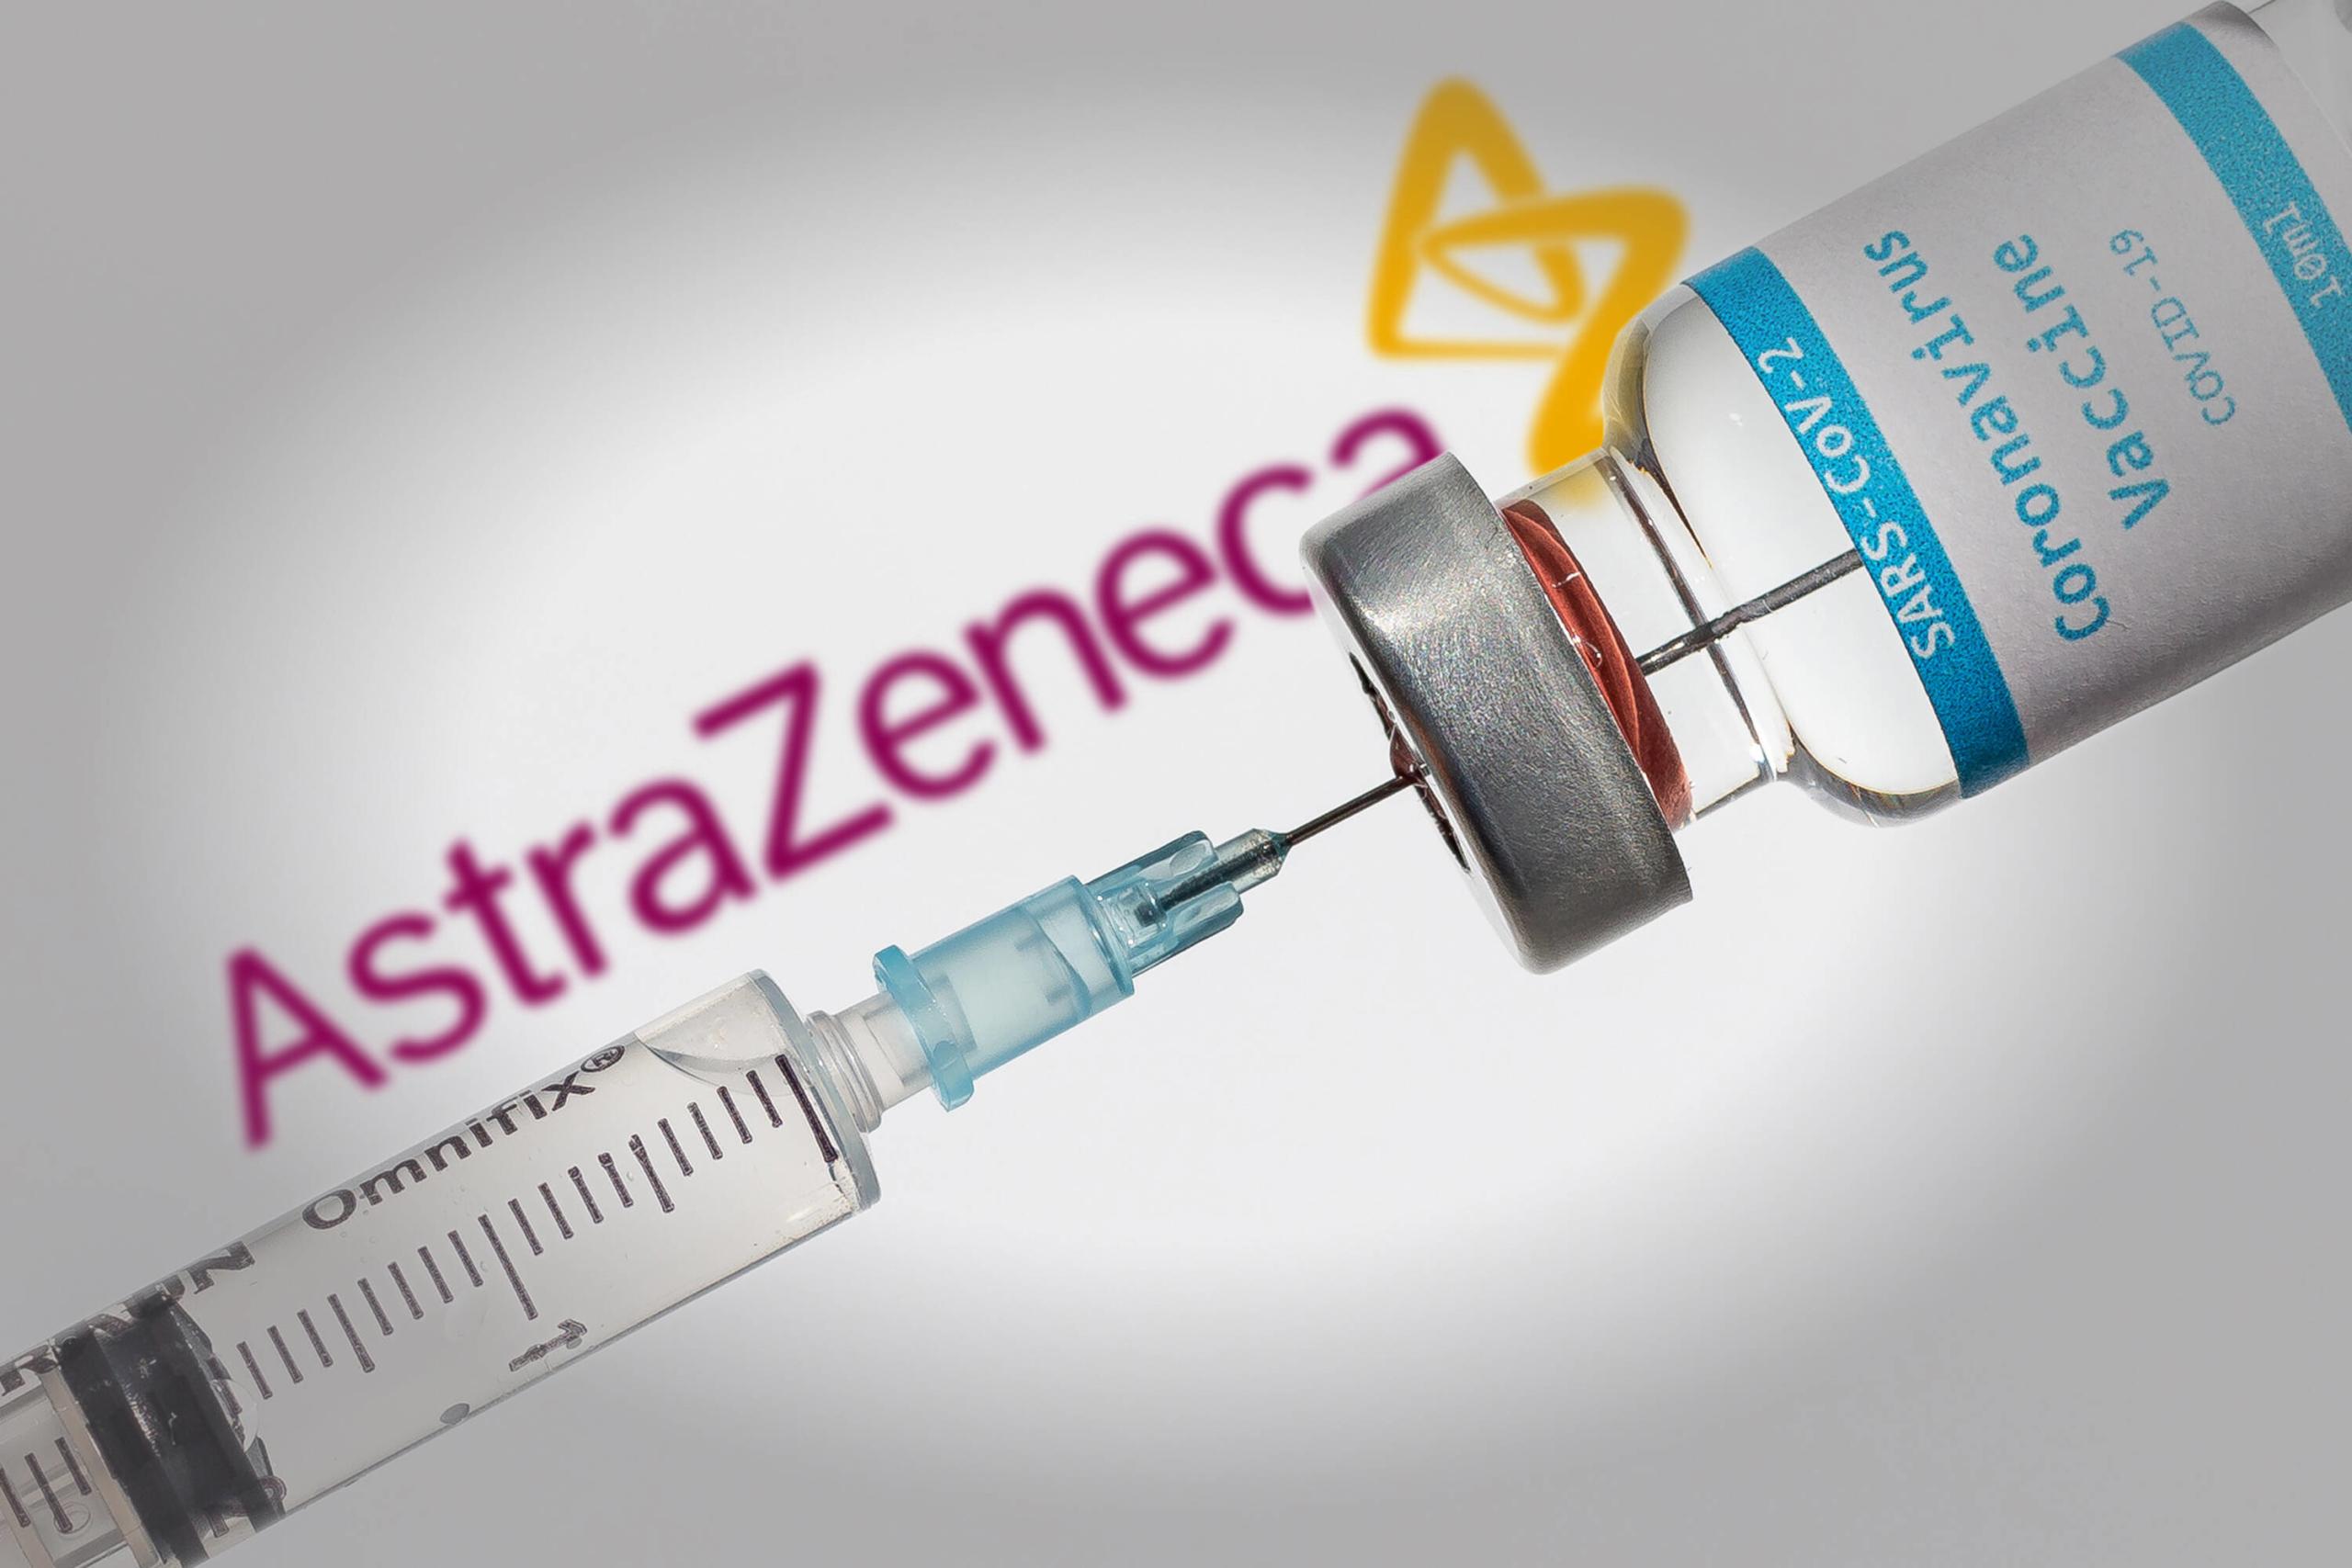 Местная компания в Таиланде произвела первую партию вакцины от коронавируса AstraZeneca